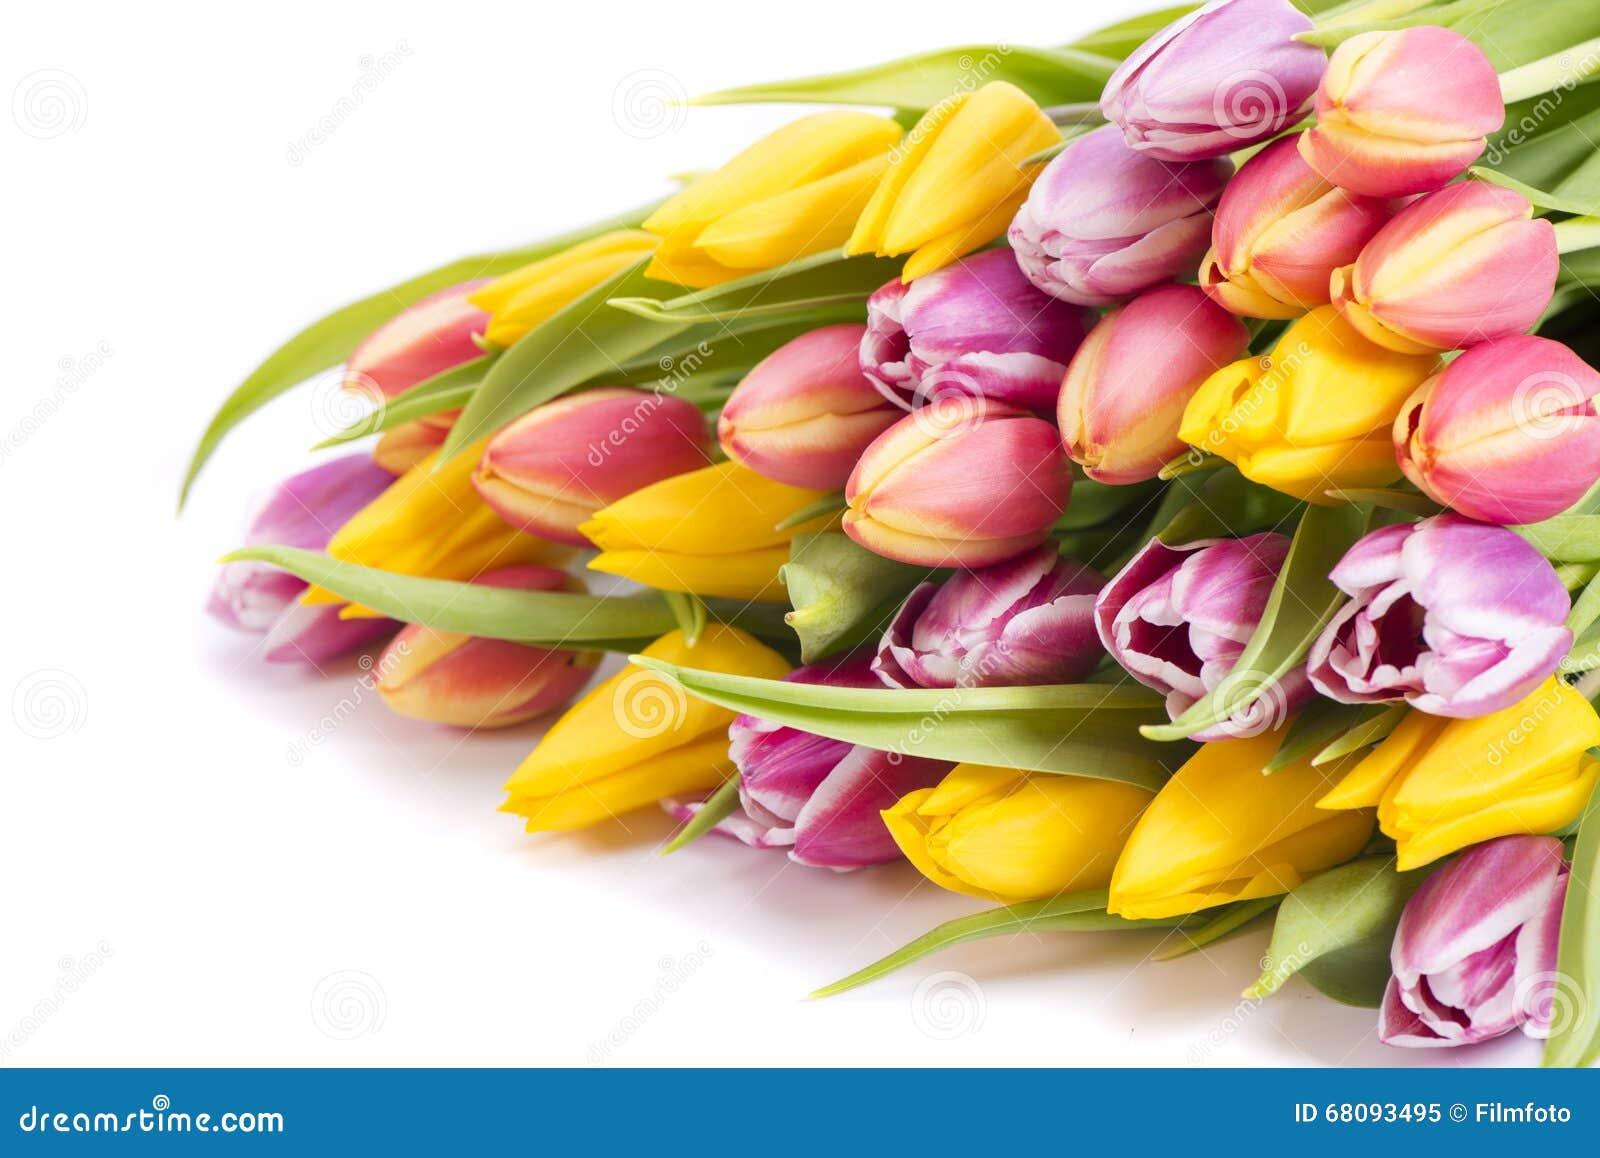 Afbeeldingen Bossen Bloemen